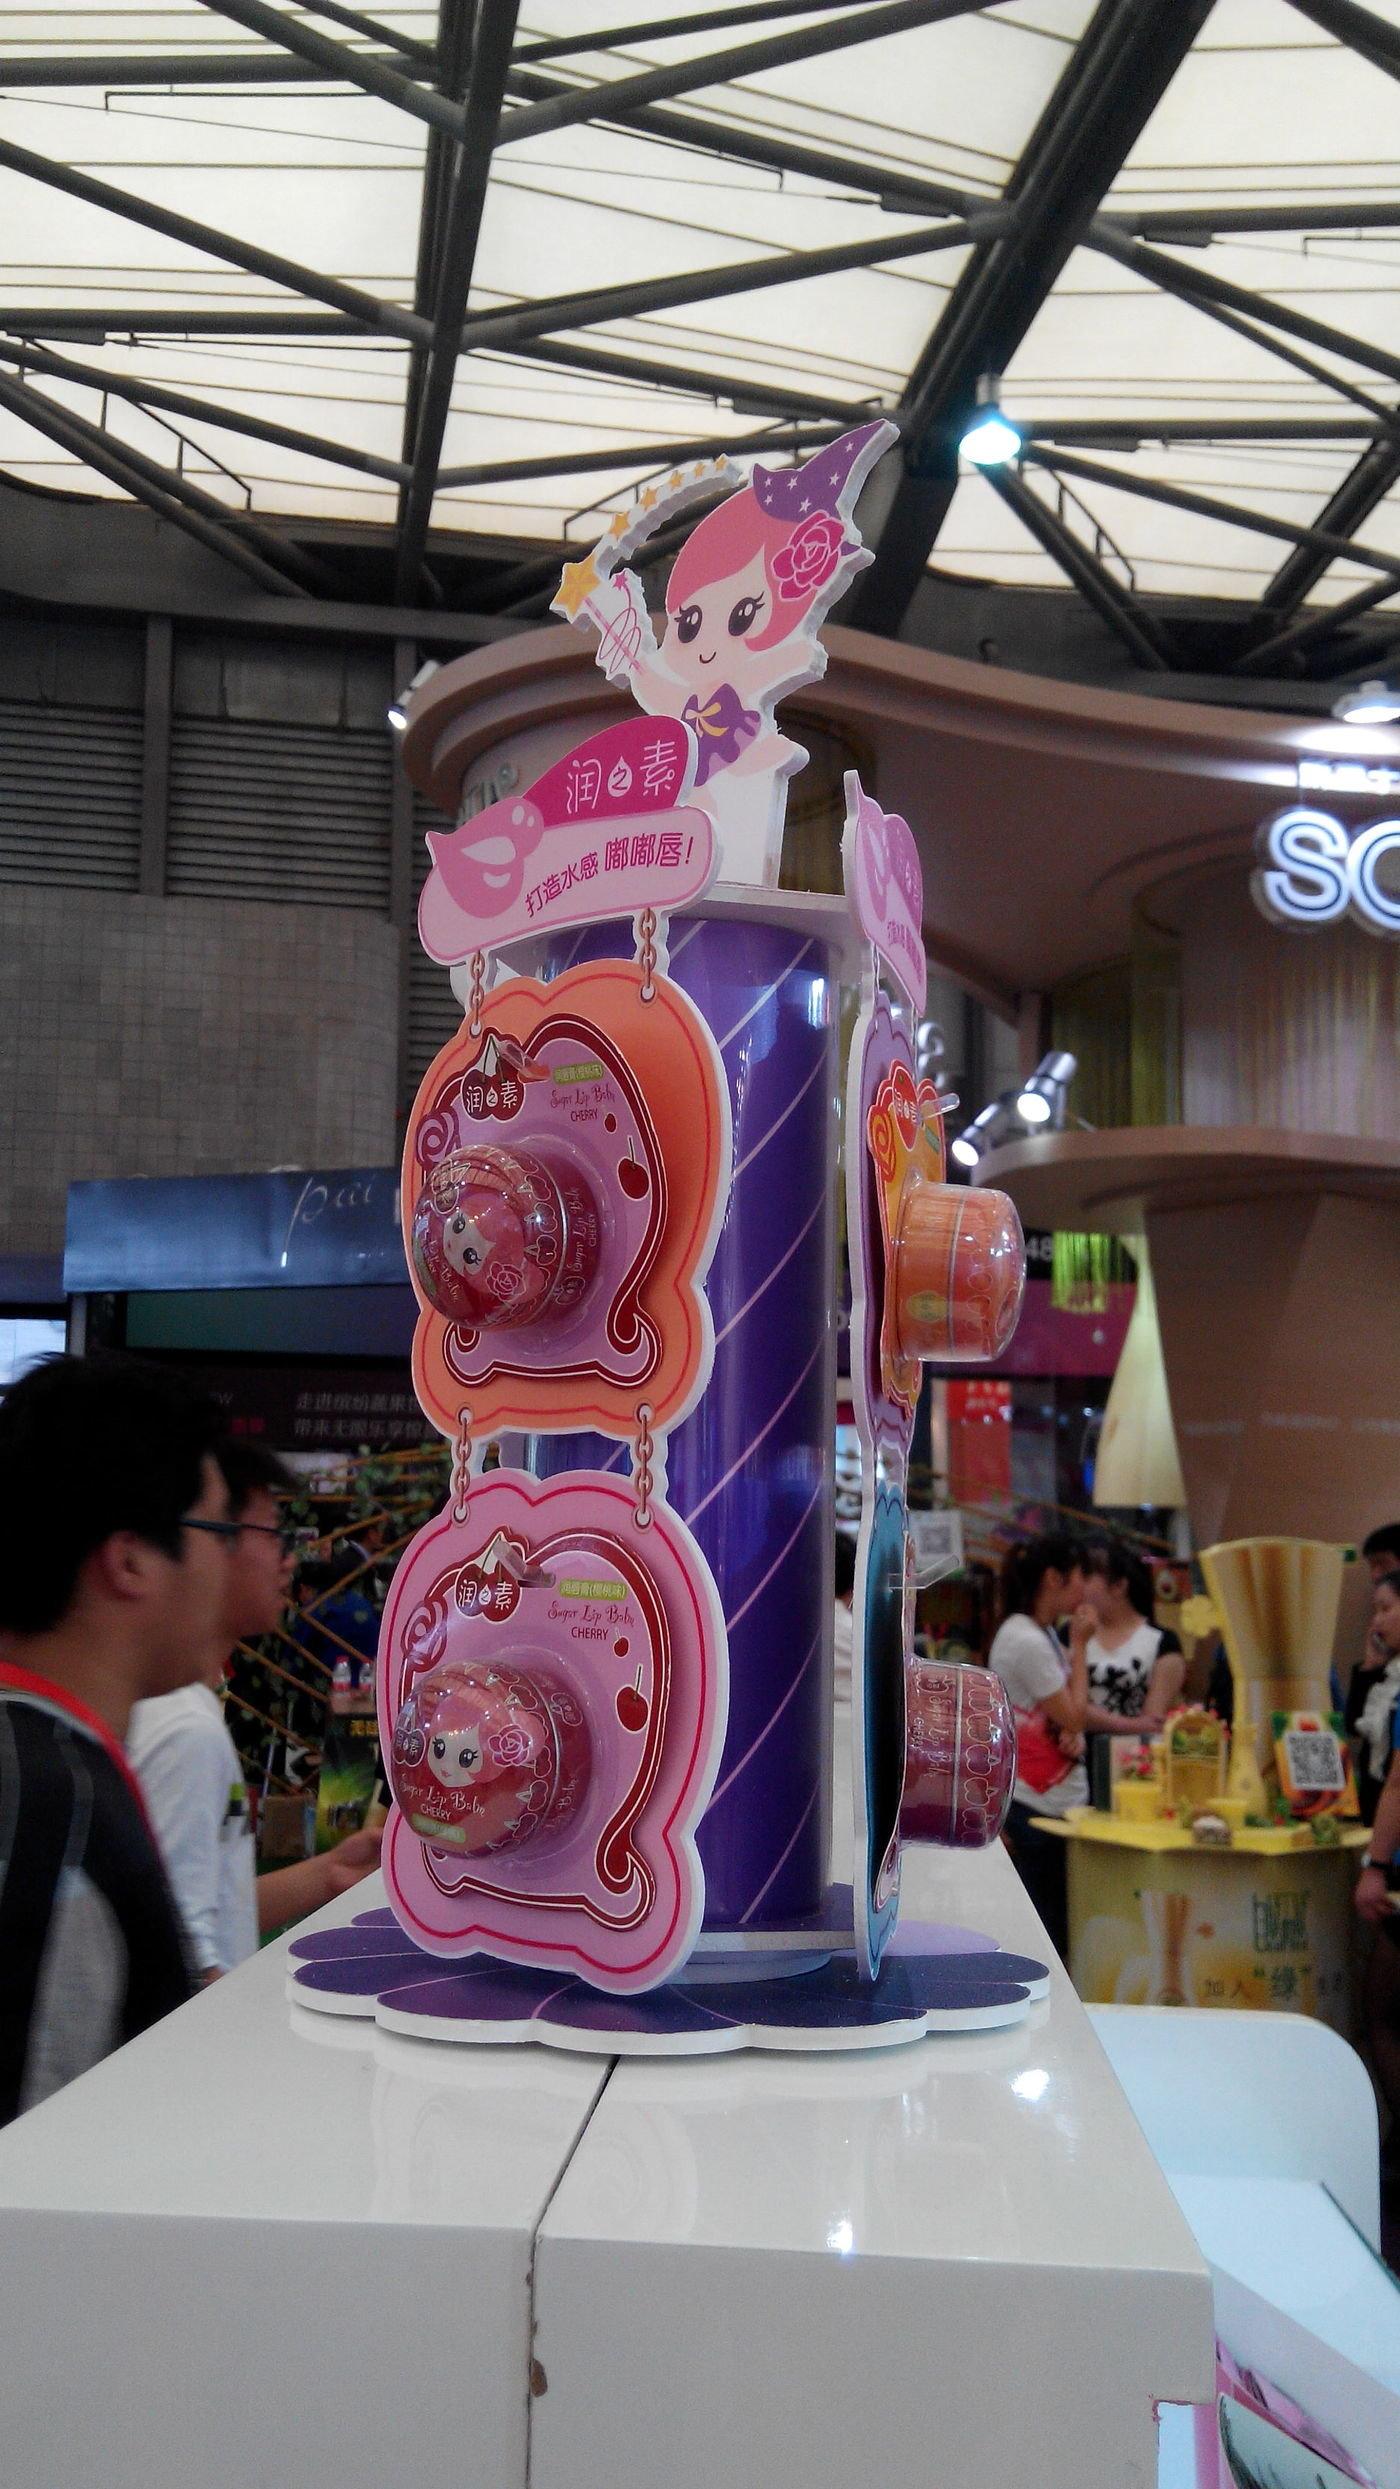 CHINA BEAUTY EXPO By Fang Fang At Coroflot.com